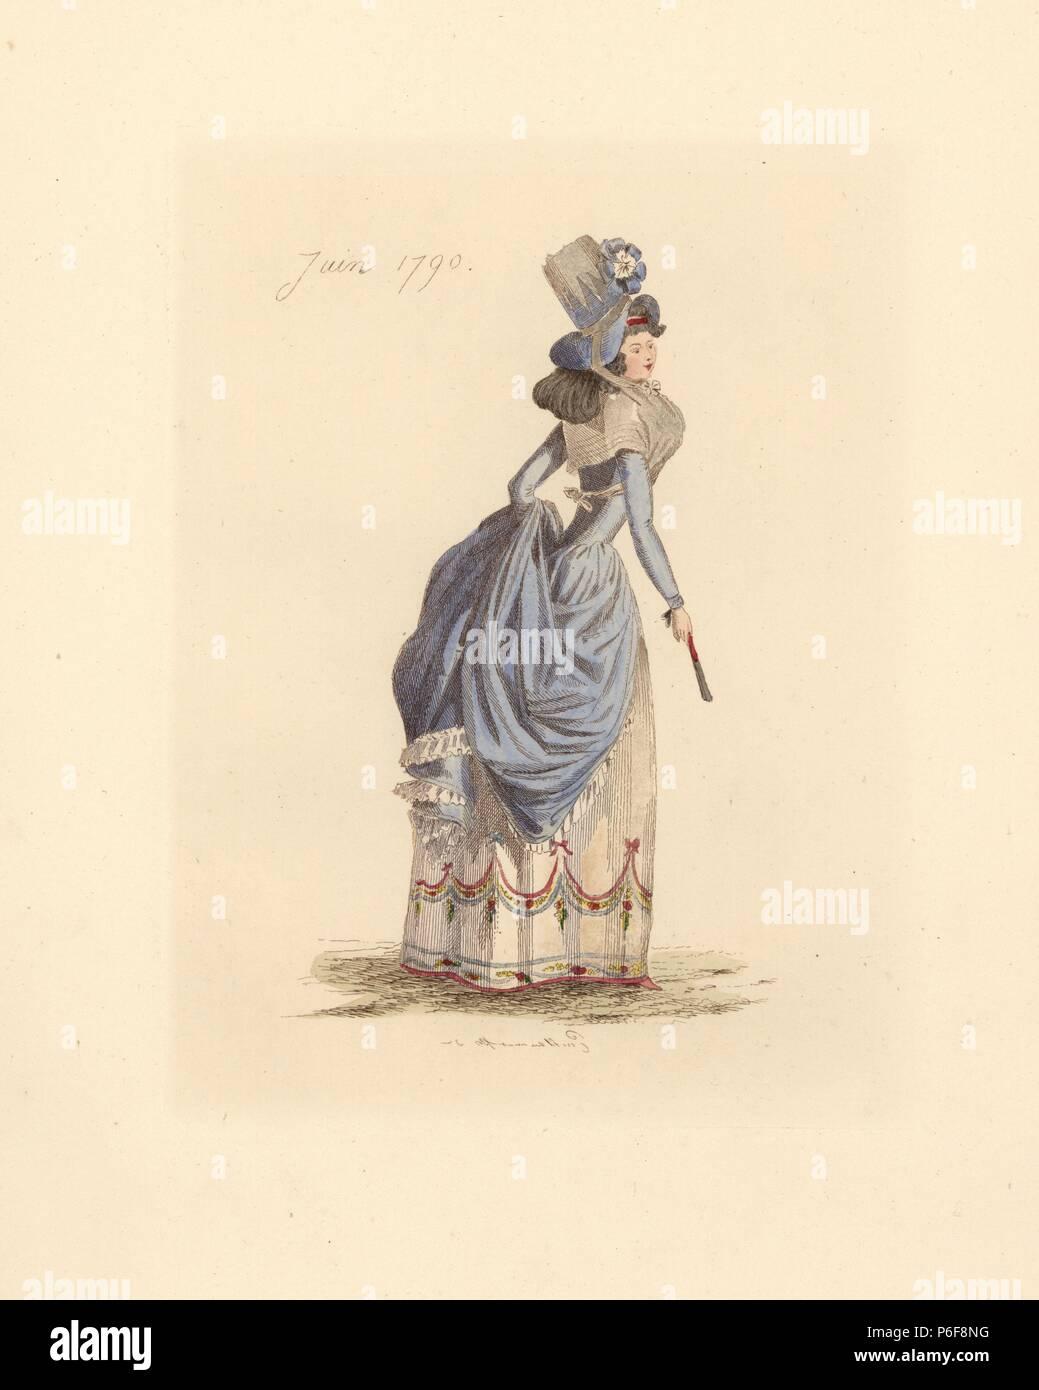 Franzosische Frau Tragen Die Mode Von Juni 1790 Sie Tragt Ein